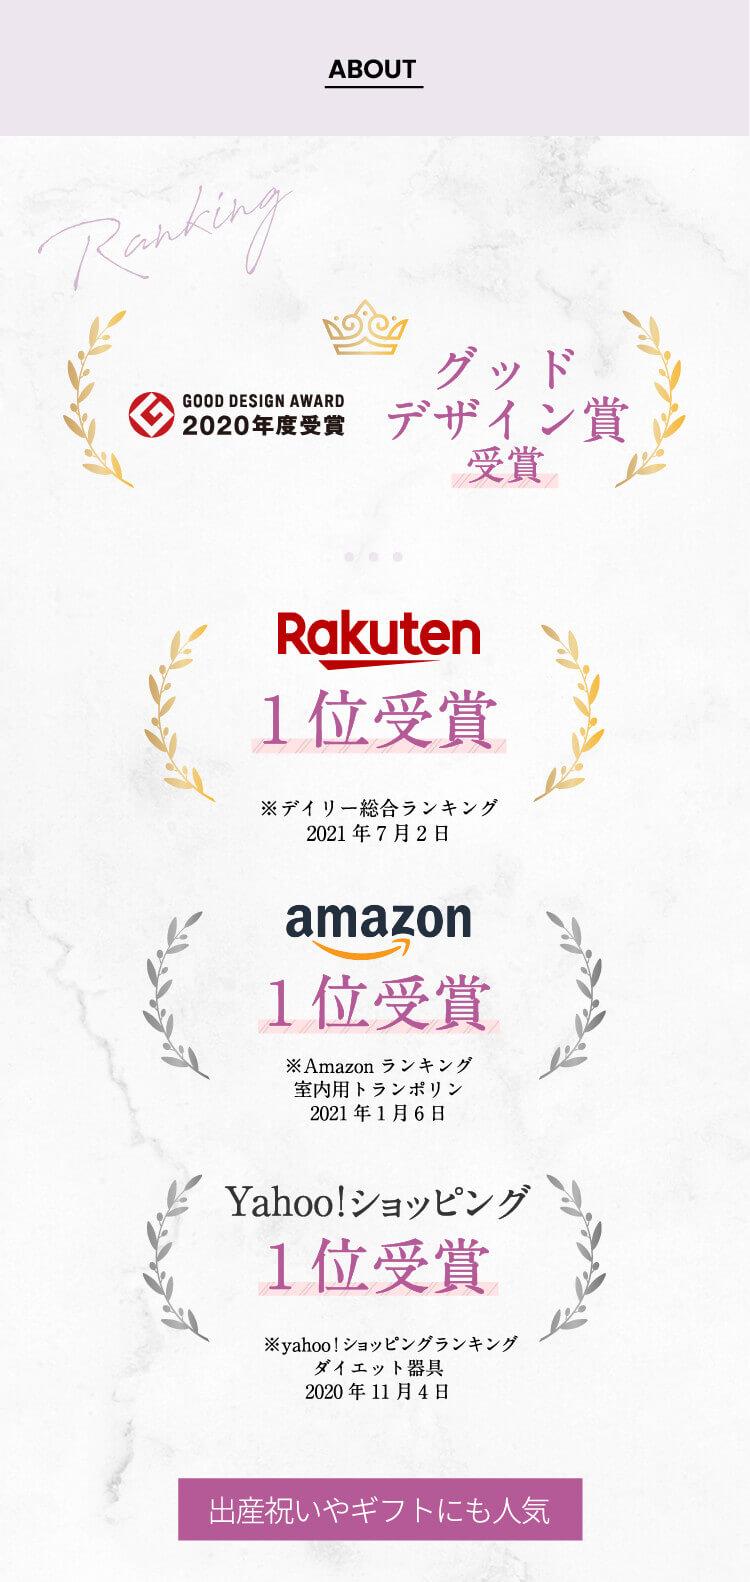 グッドデザイン賞受賞!楽天、アマゾン、Yahooショッピングにて1位受賞!